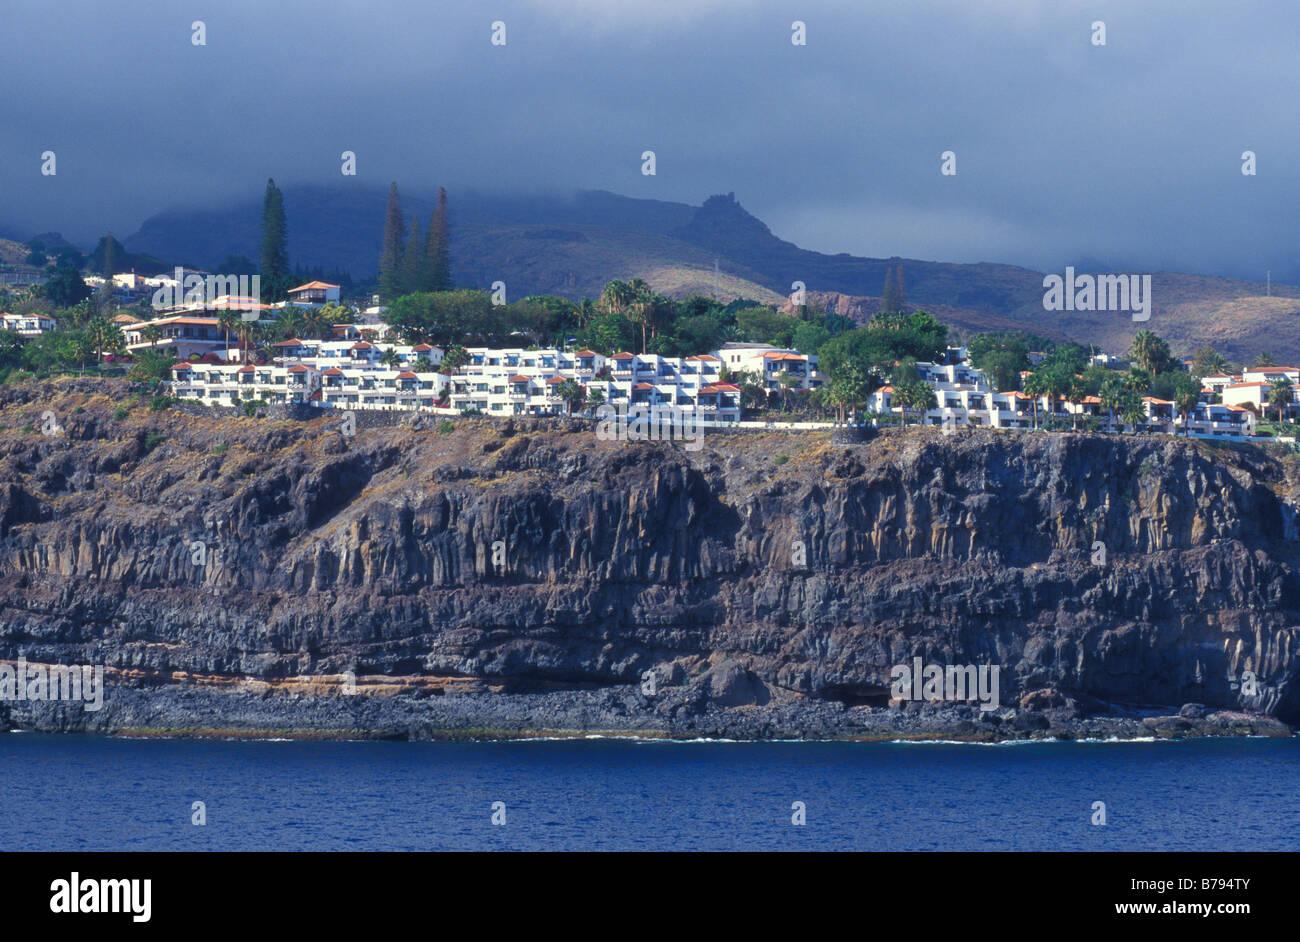 Hotel jardin tecina playa de santiago la gomera island for Hotel jardin tecina la gomera